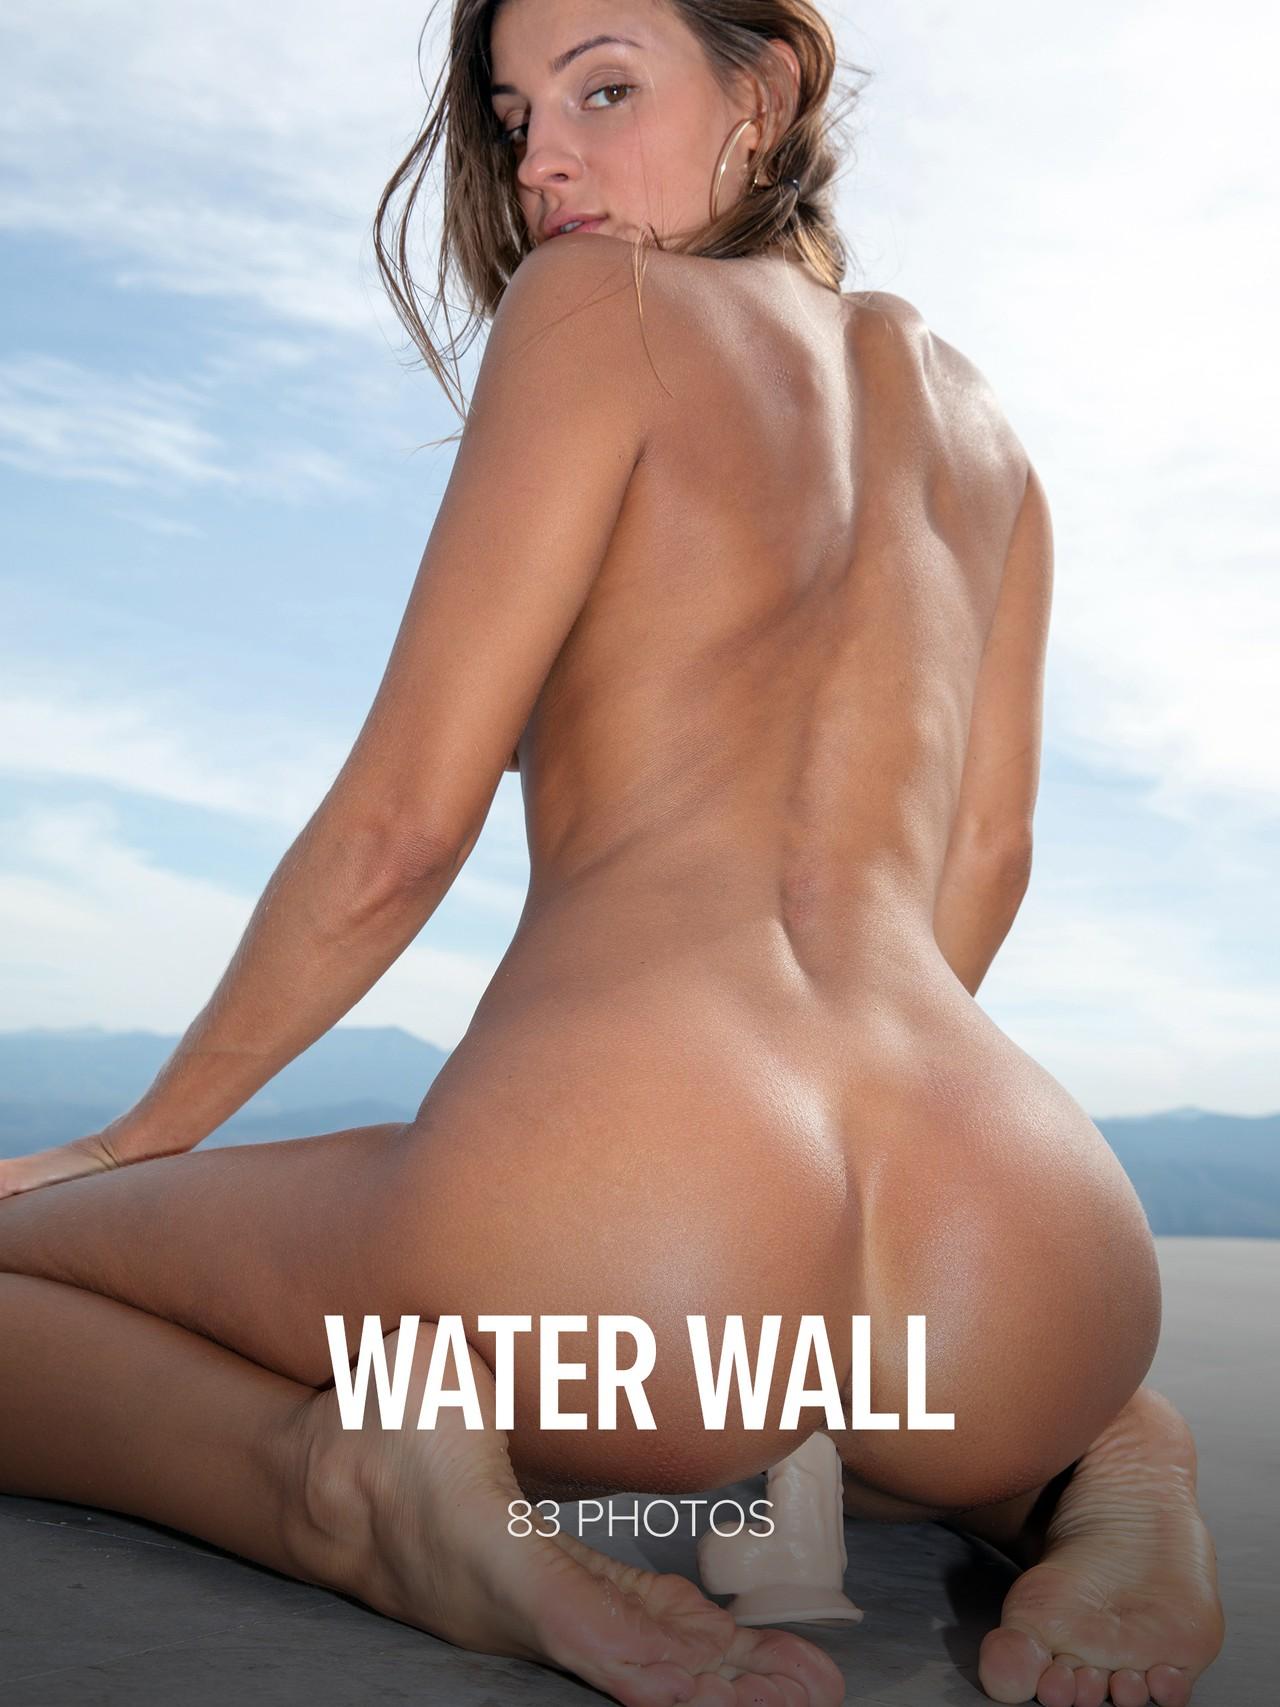 Maria: Water Wall